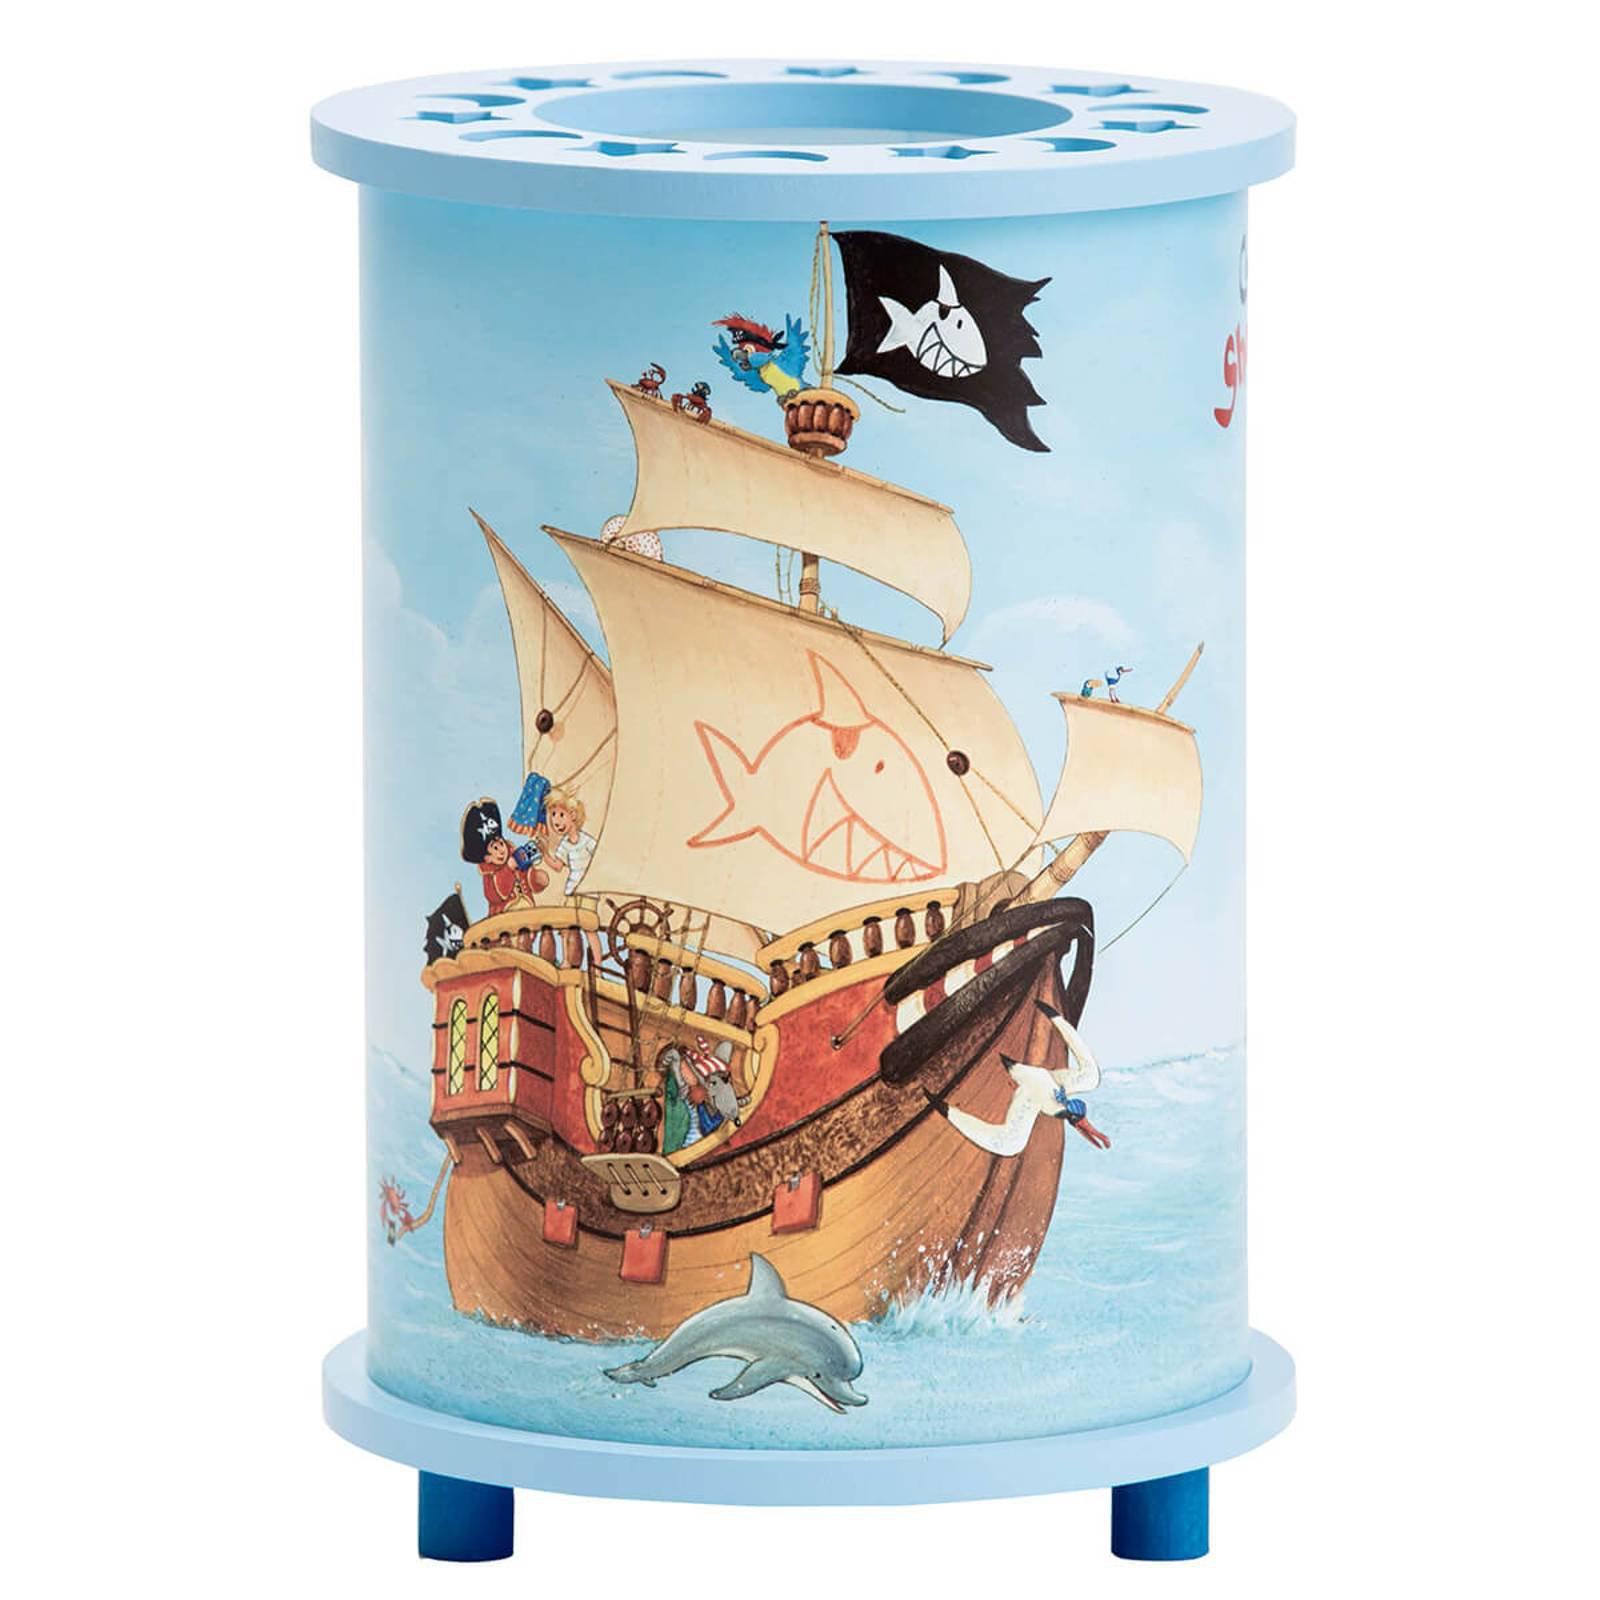 Bordlampe til barnerom med Capt'n Sharky-motiv